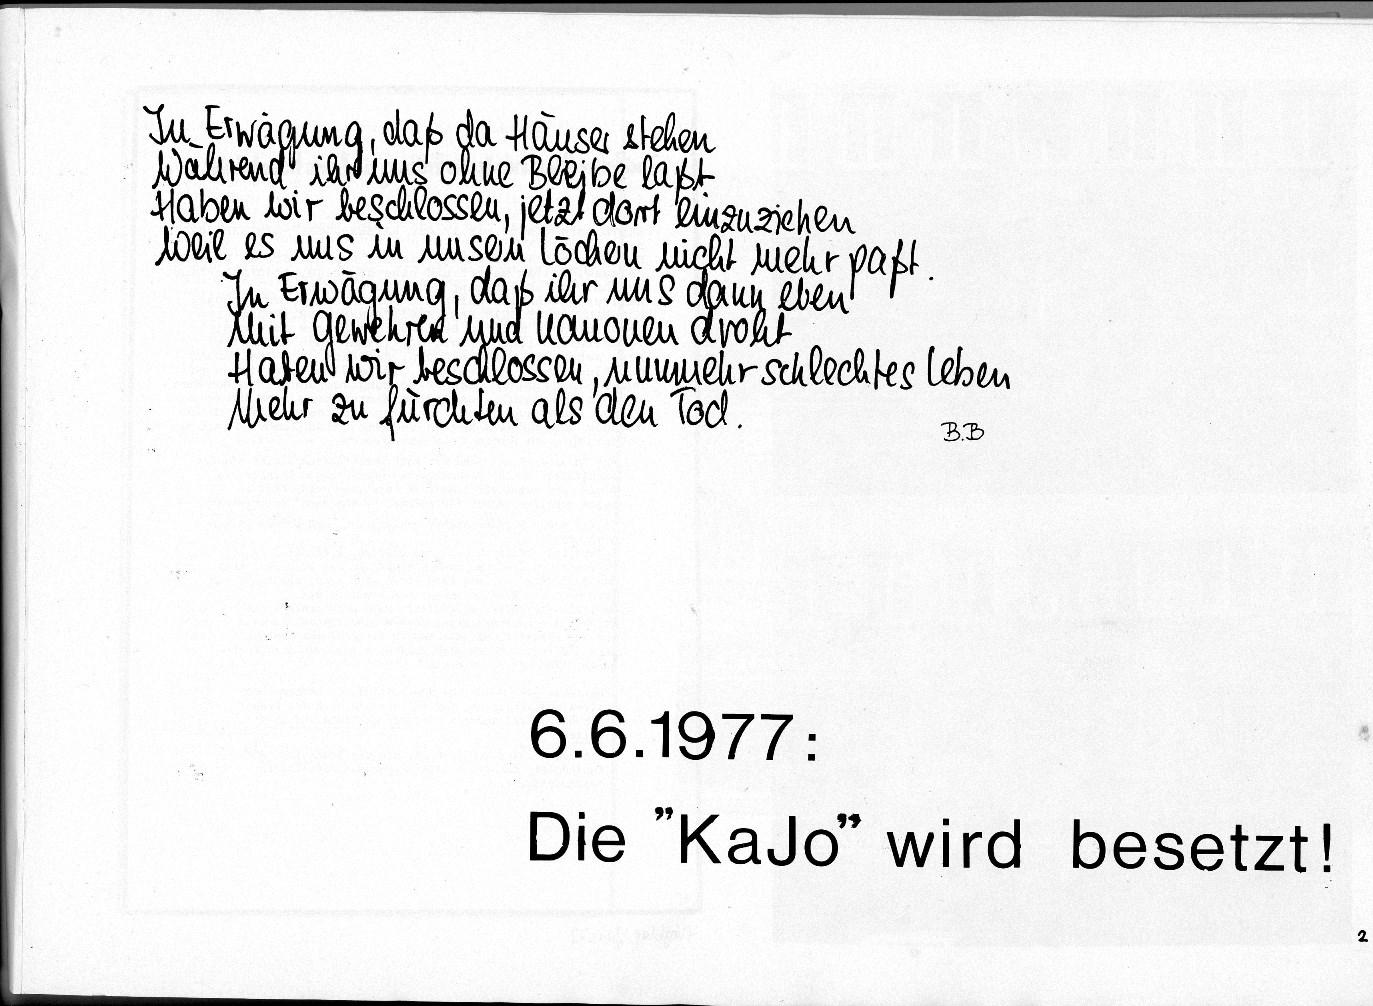 Freiburg_Hausbesetzung_01_Dreisameck_006